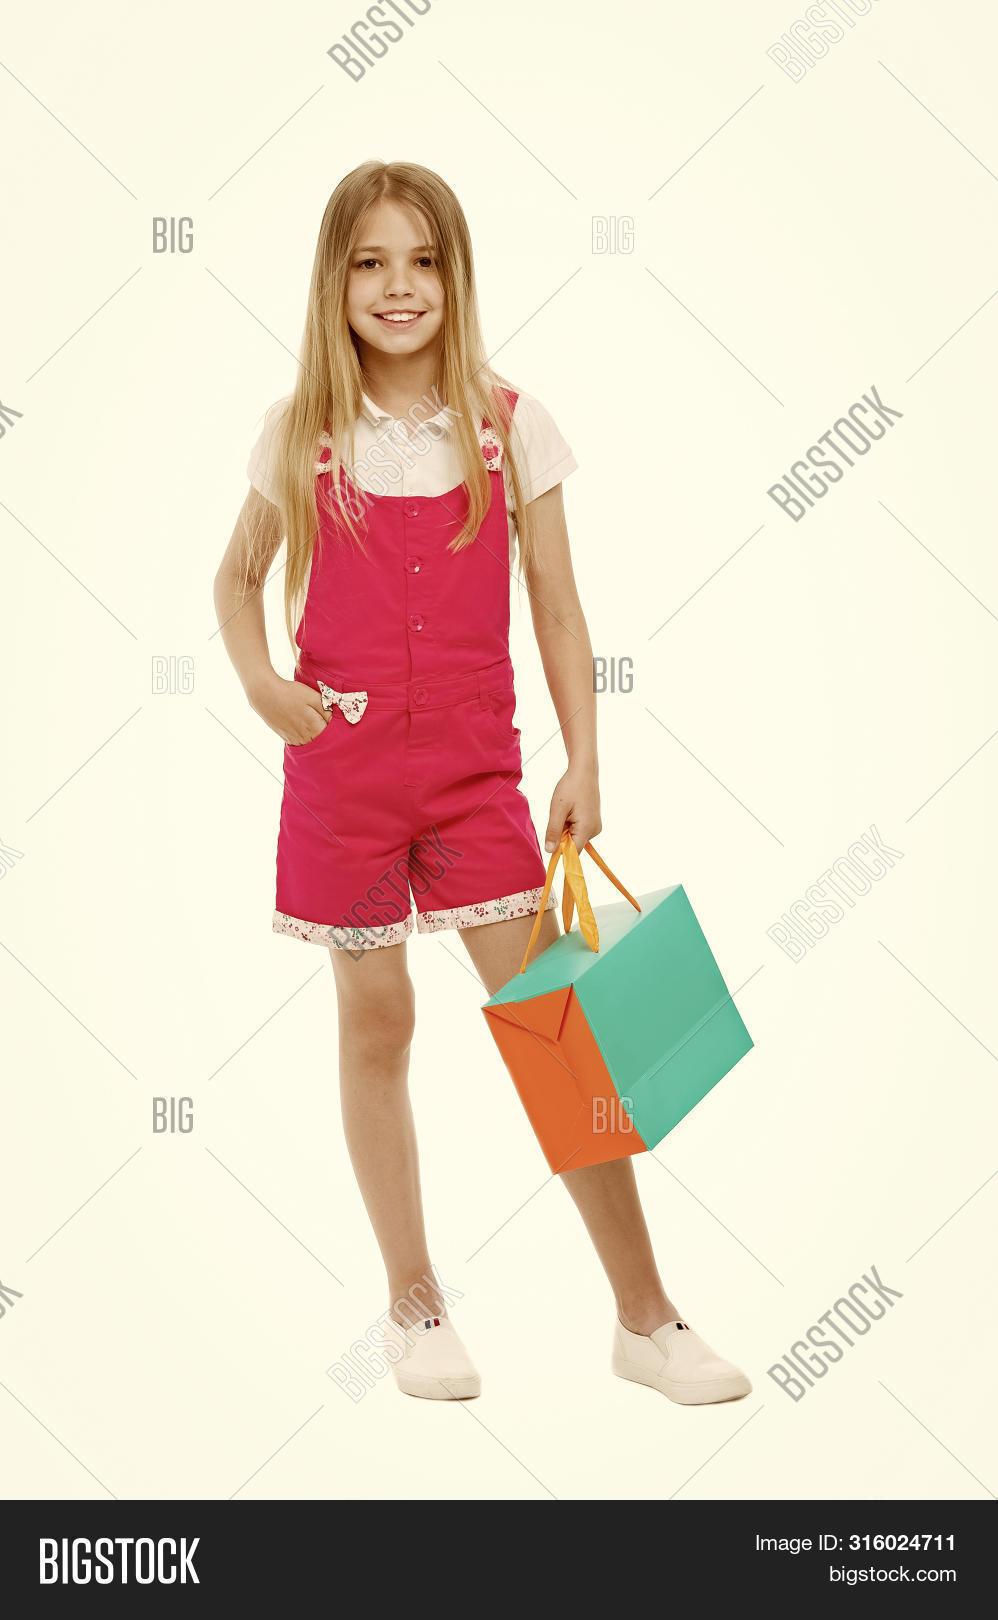 Kids Designer Clothing Image Photo Free Trial Bigstock